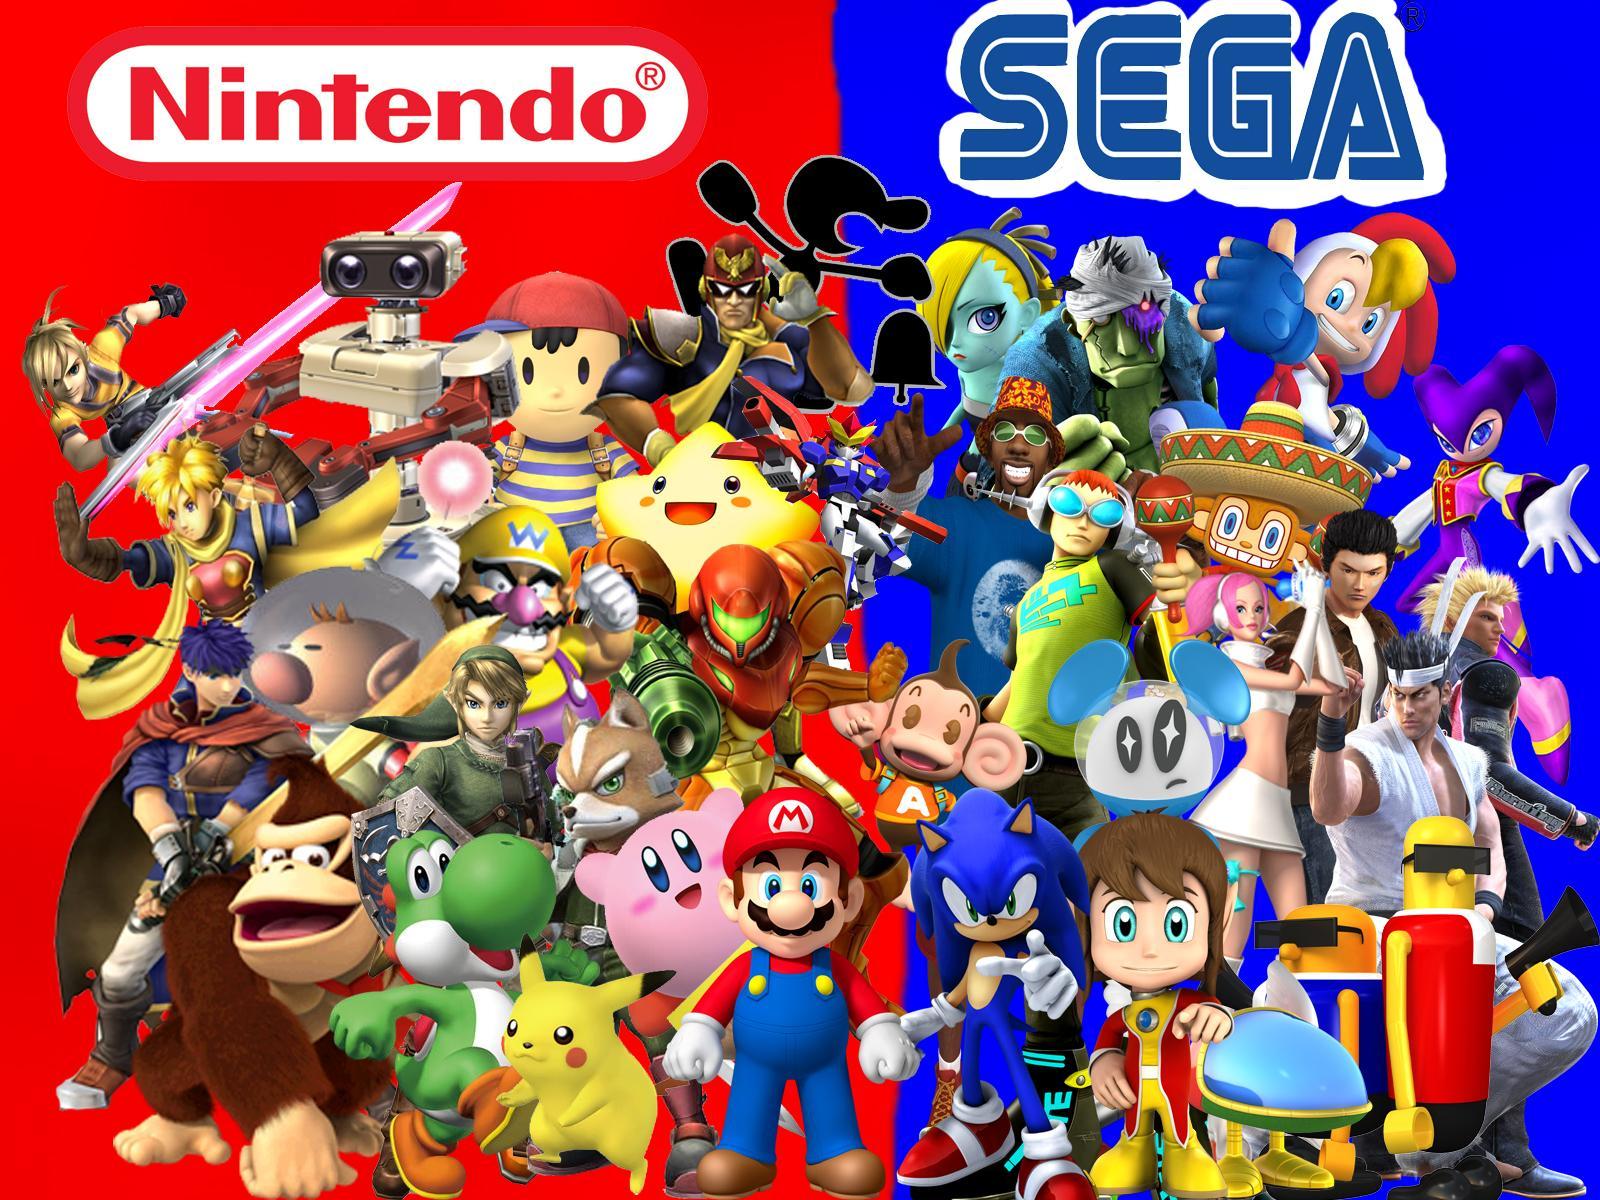 Jeux vidéo : Sega ou Nintendo